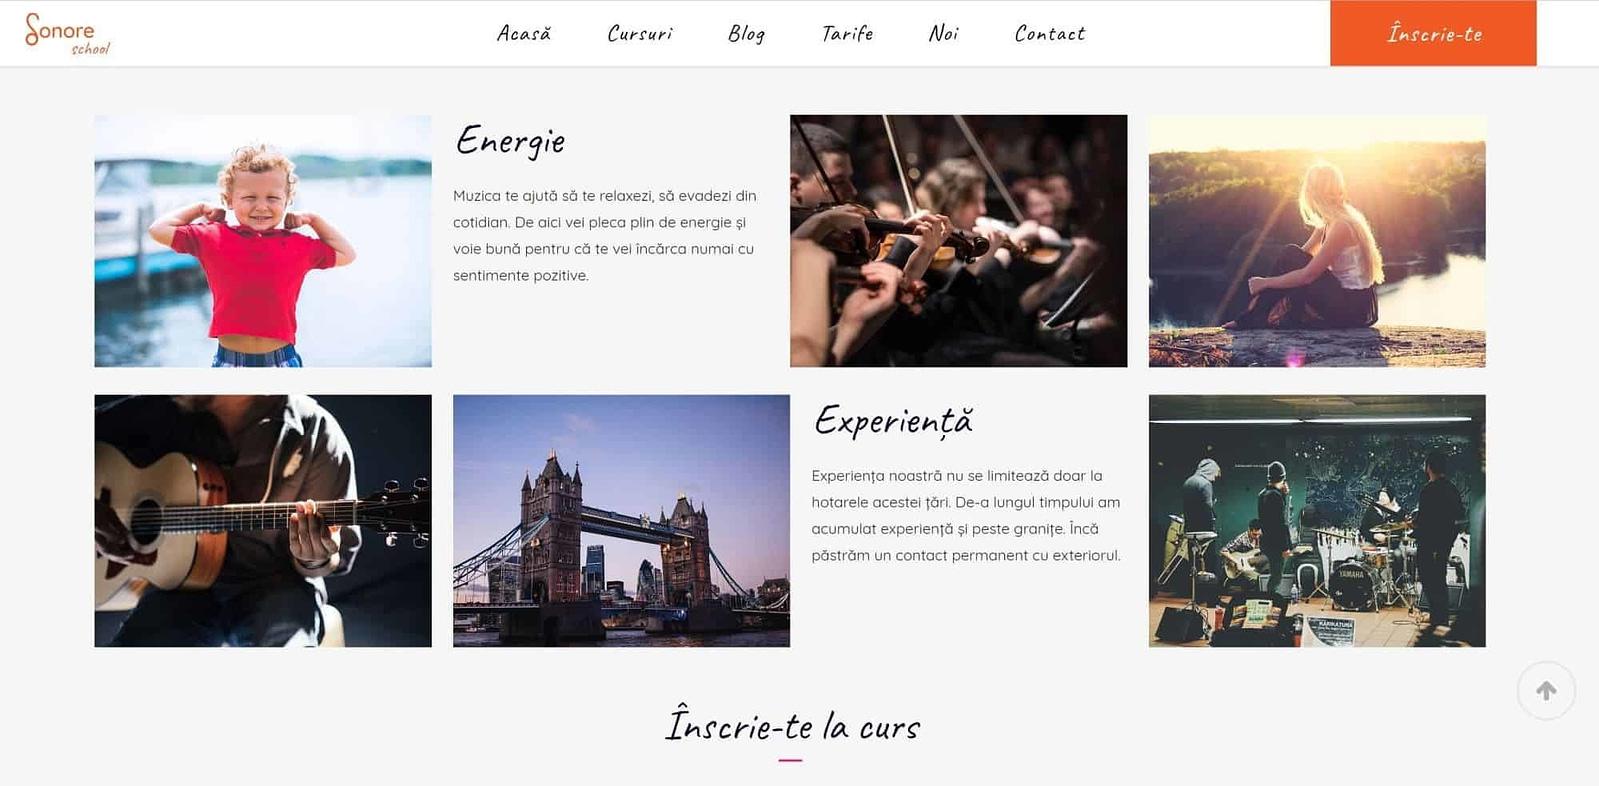 realizare site web, creare website, web design, design, website, UI design, Sonore, scoala de muzica, Toud, design, vizual